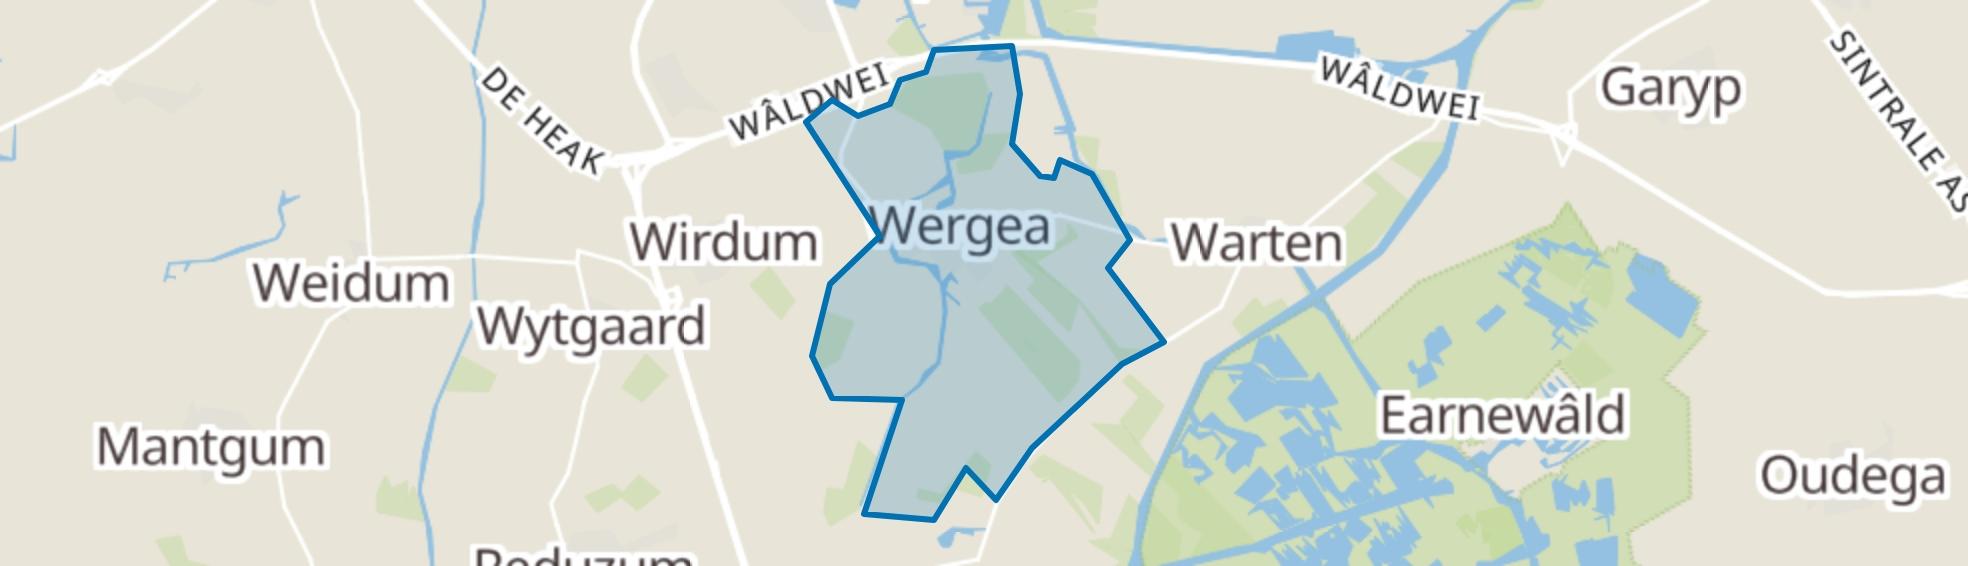 Wergea map